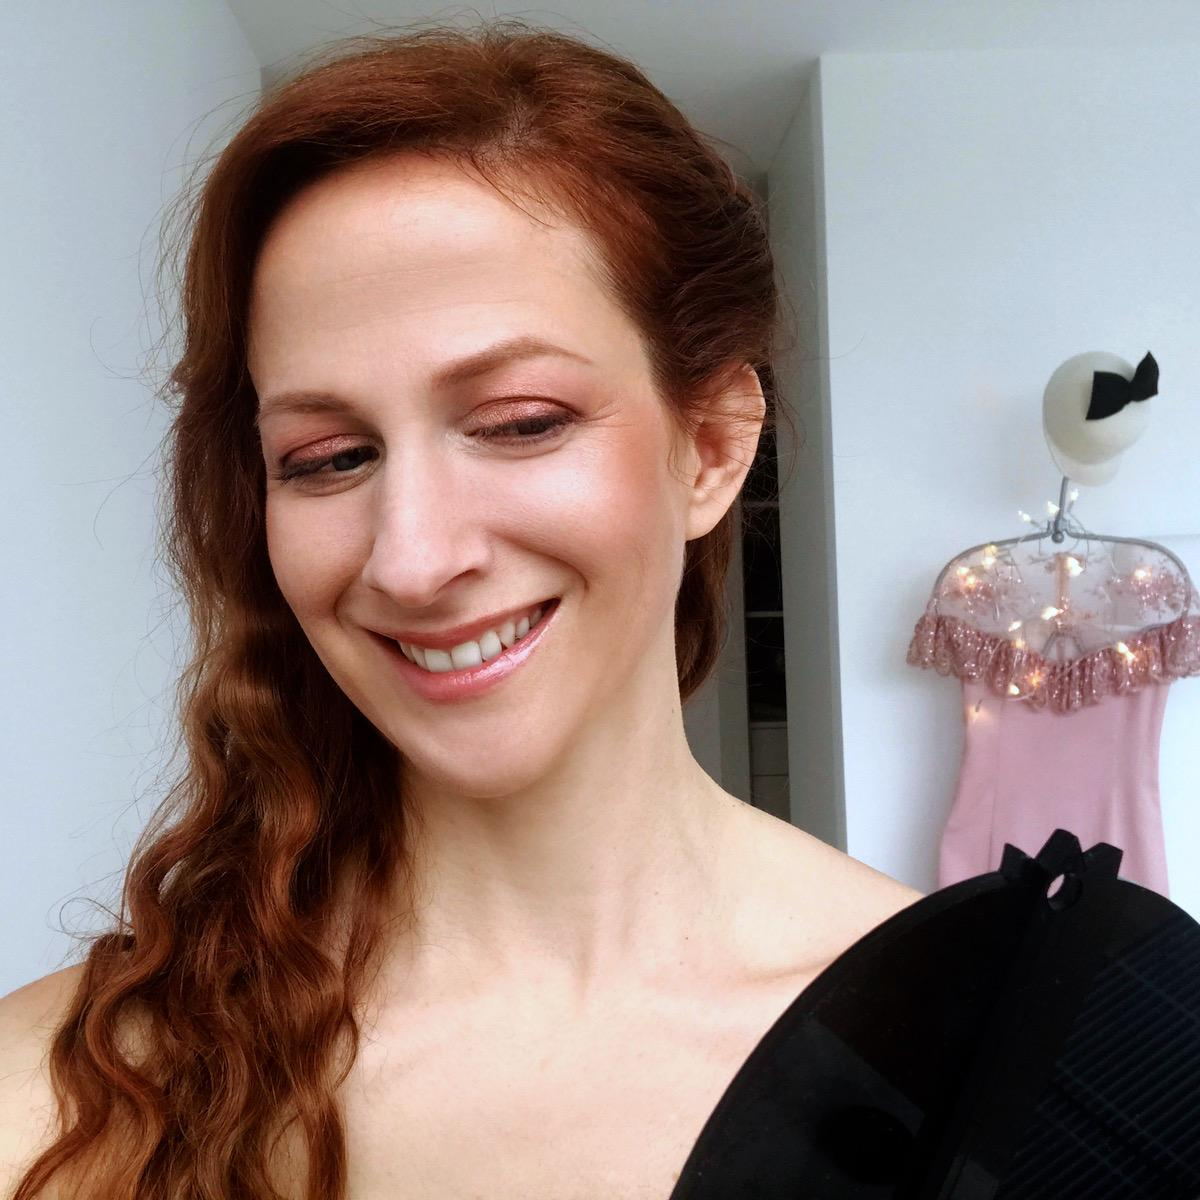 lotique makeup trenden videz oči lica